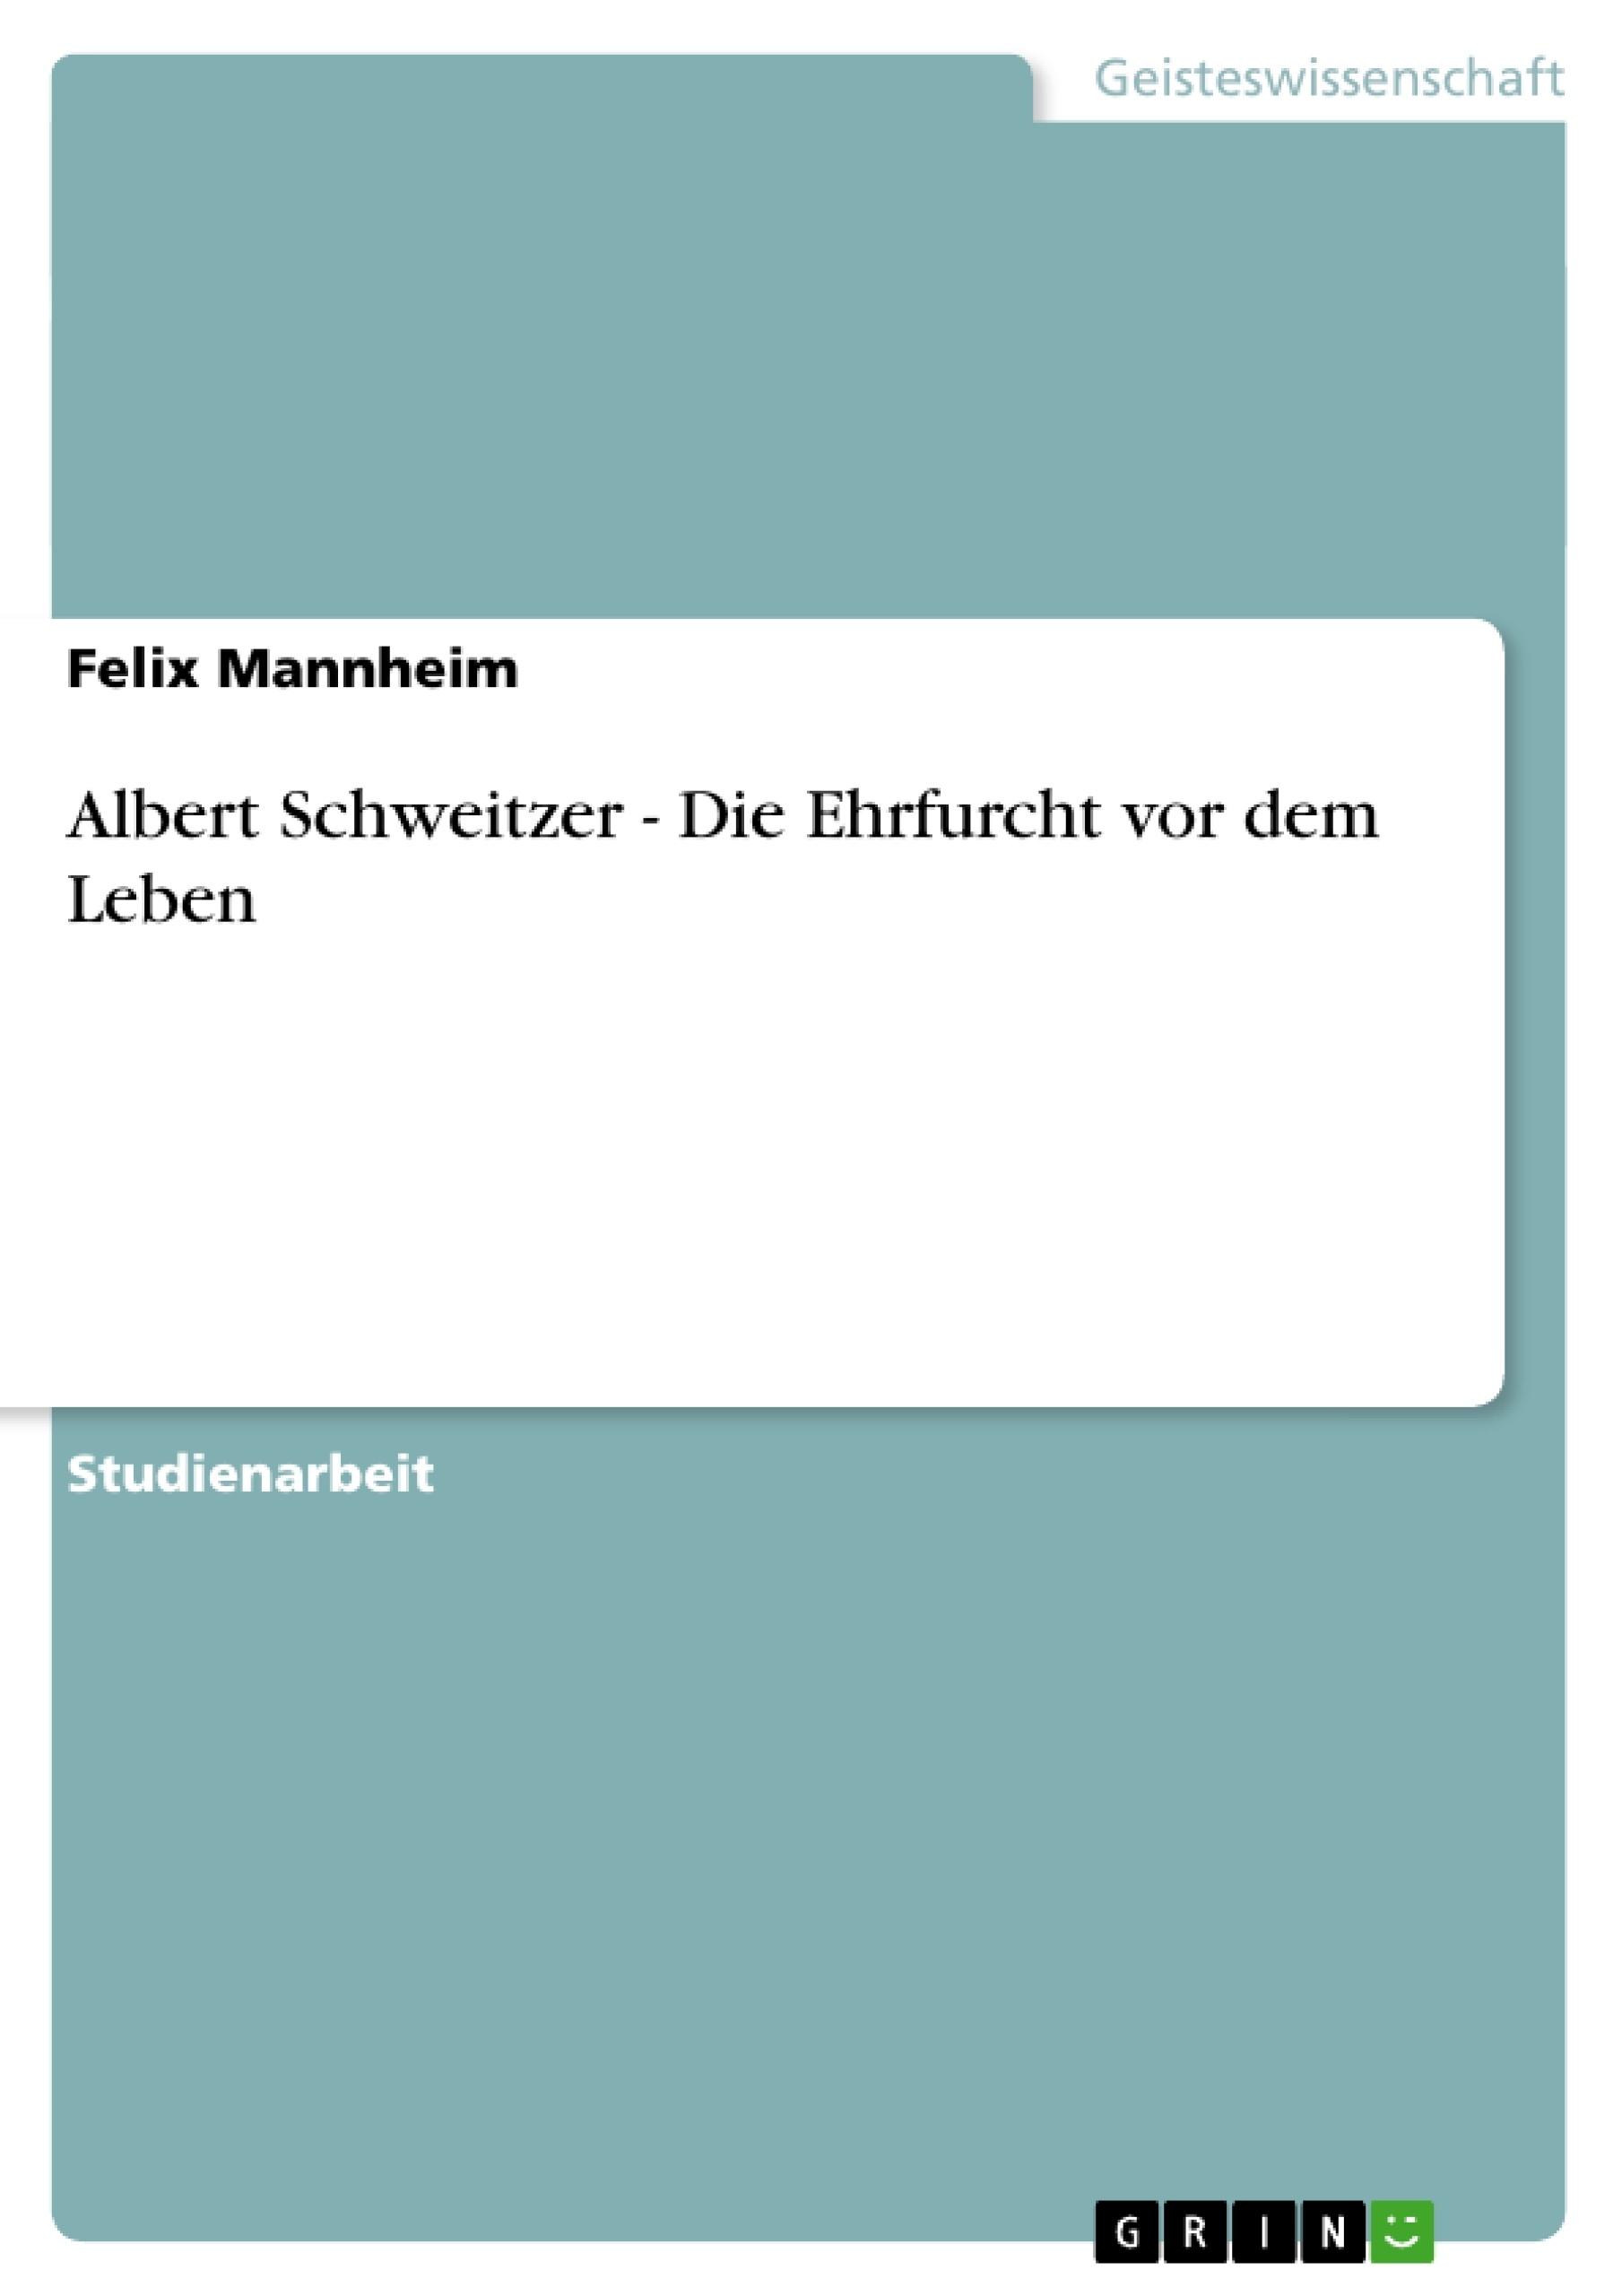 Titel: Albert Schweitzer - Die Ehrfurcht vor dem Leben